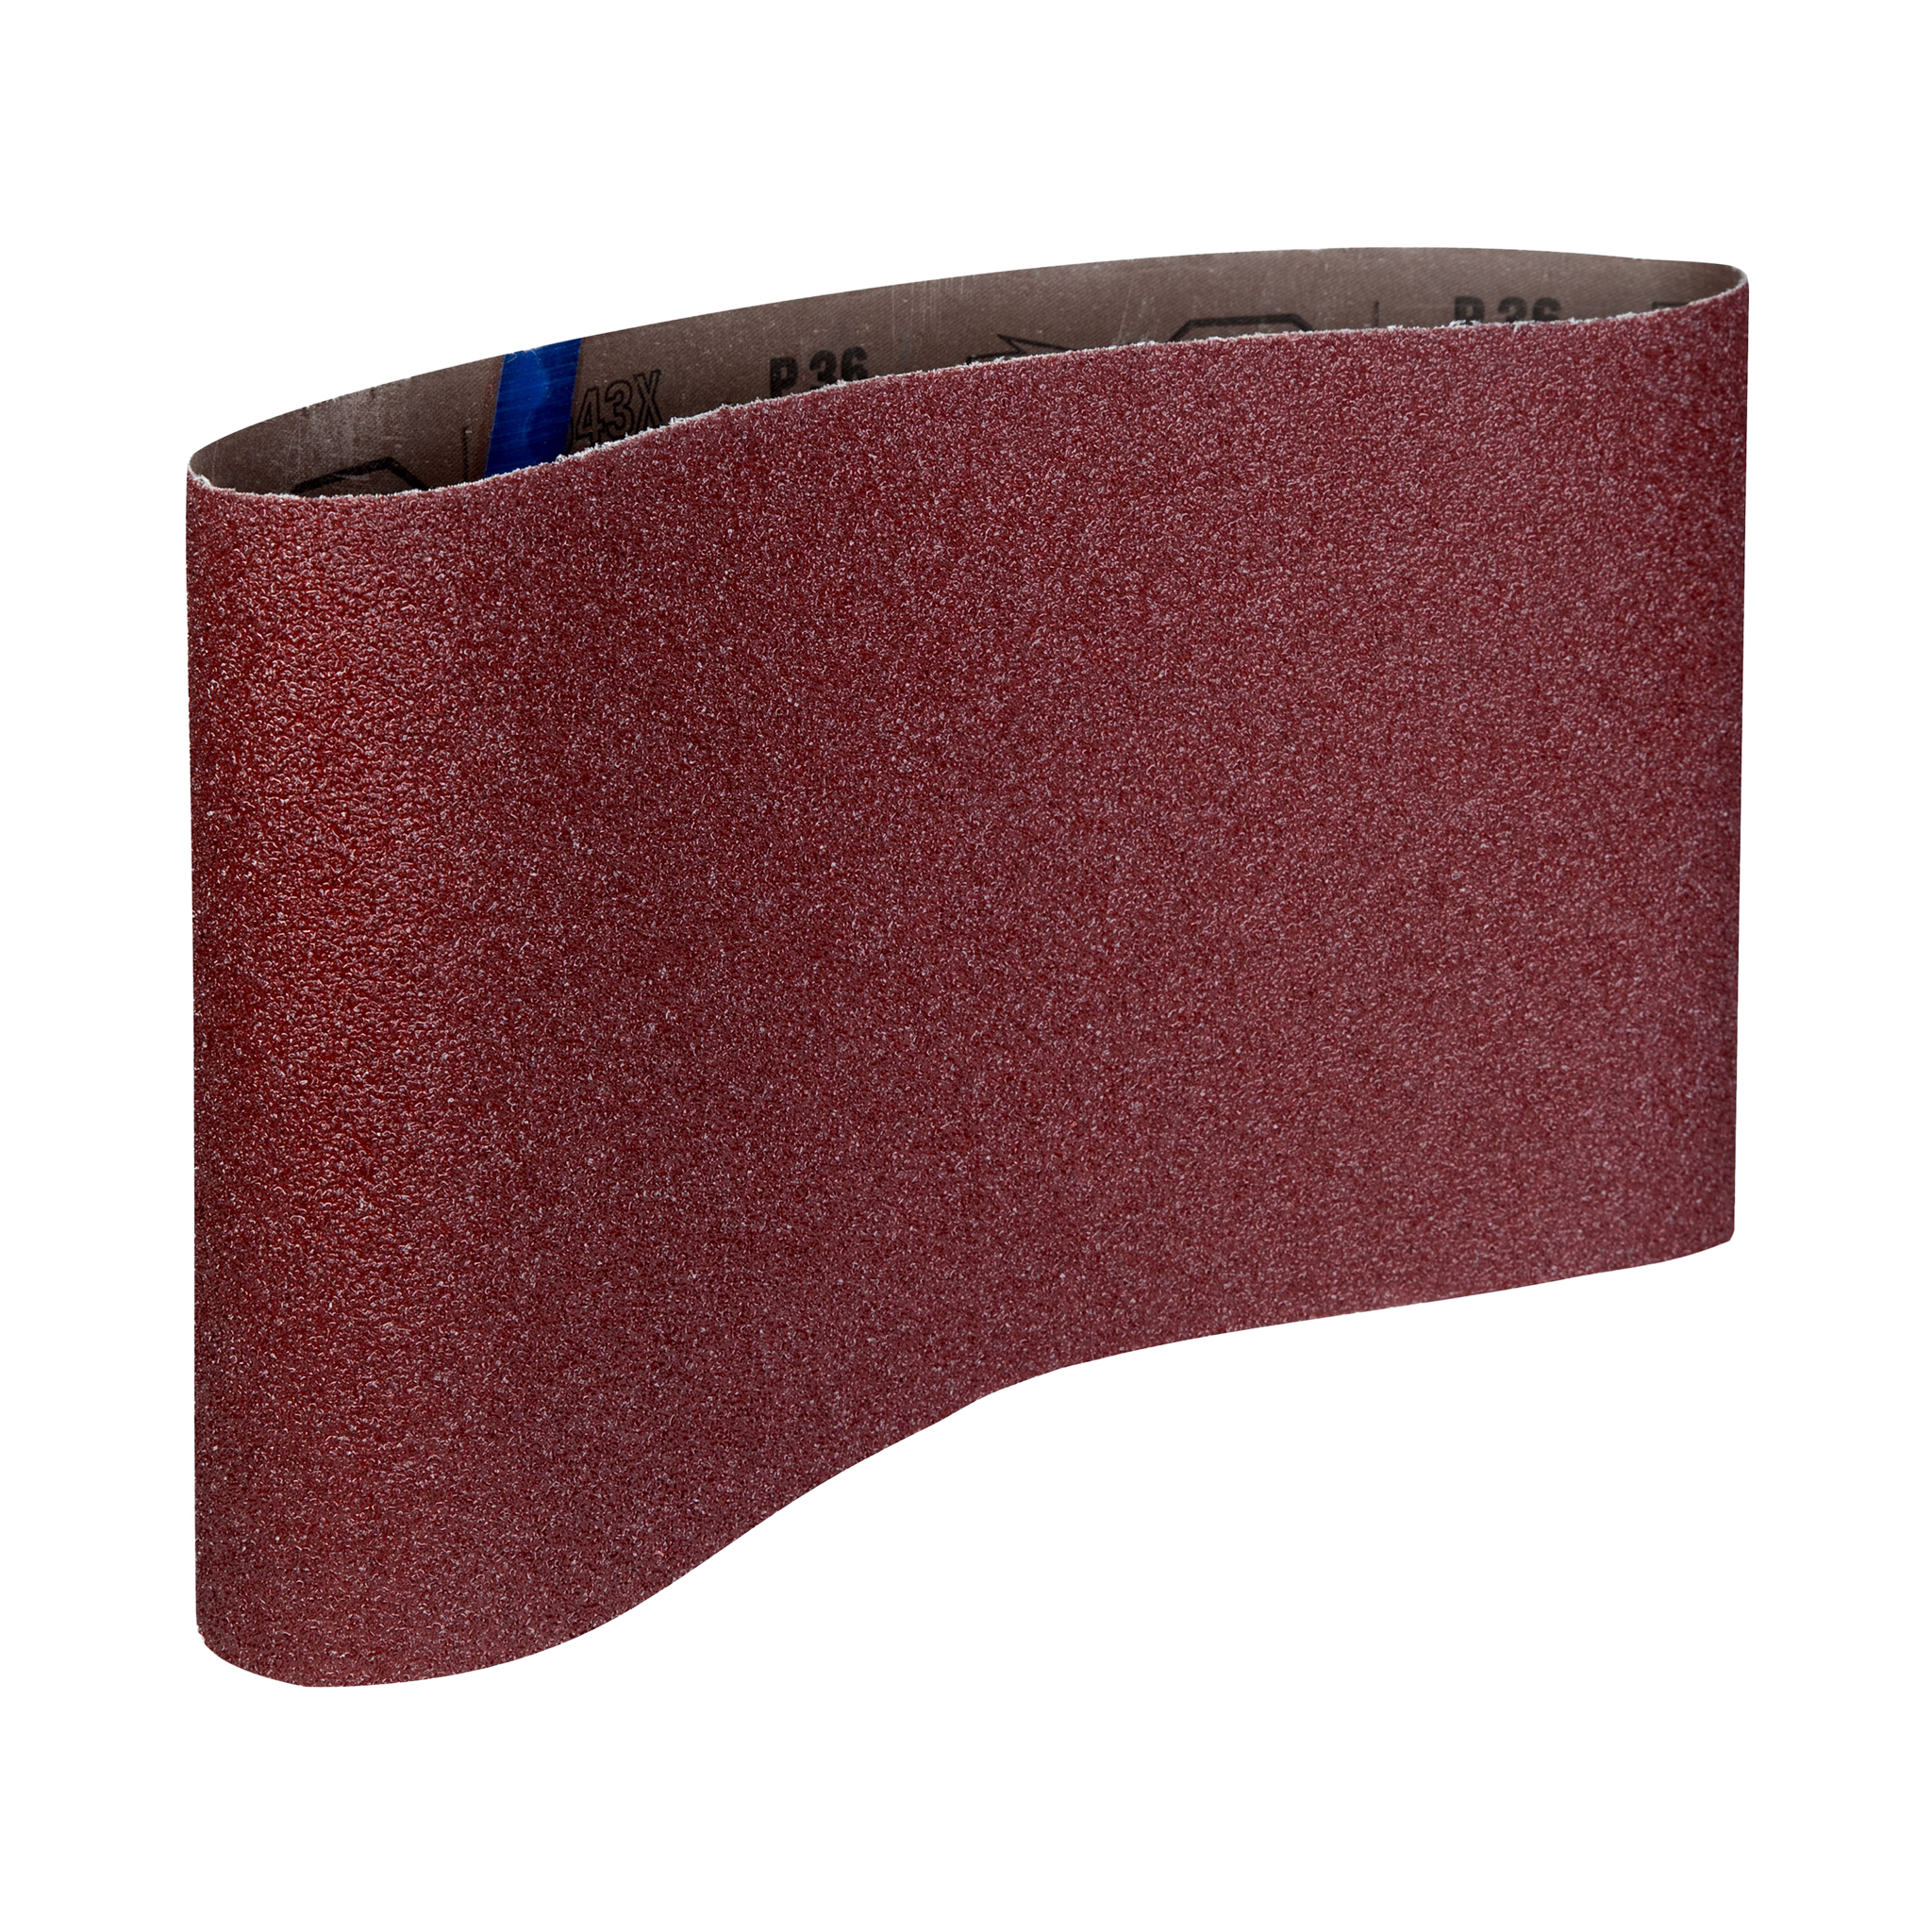 K 50 PARAT Belts Schleifband 200x551mm